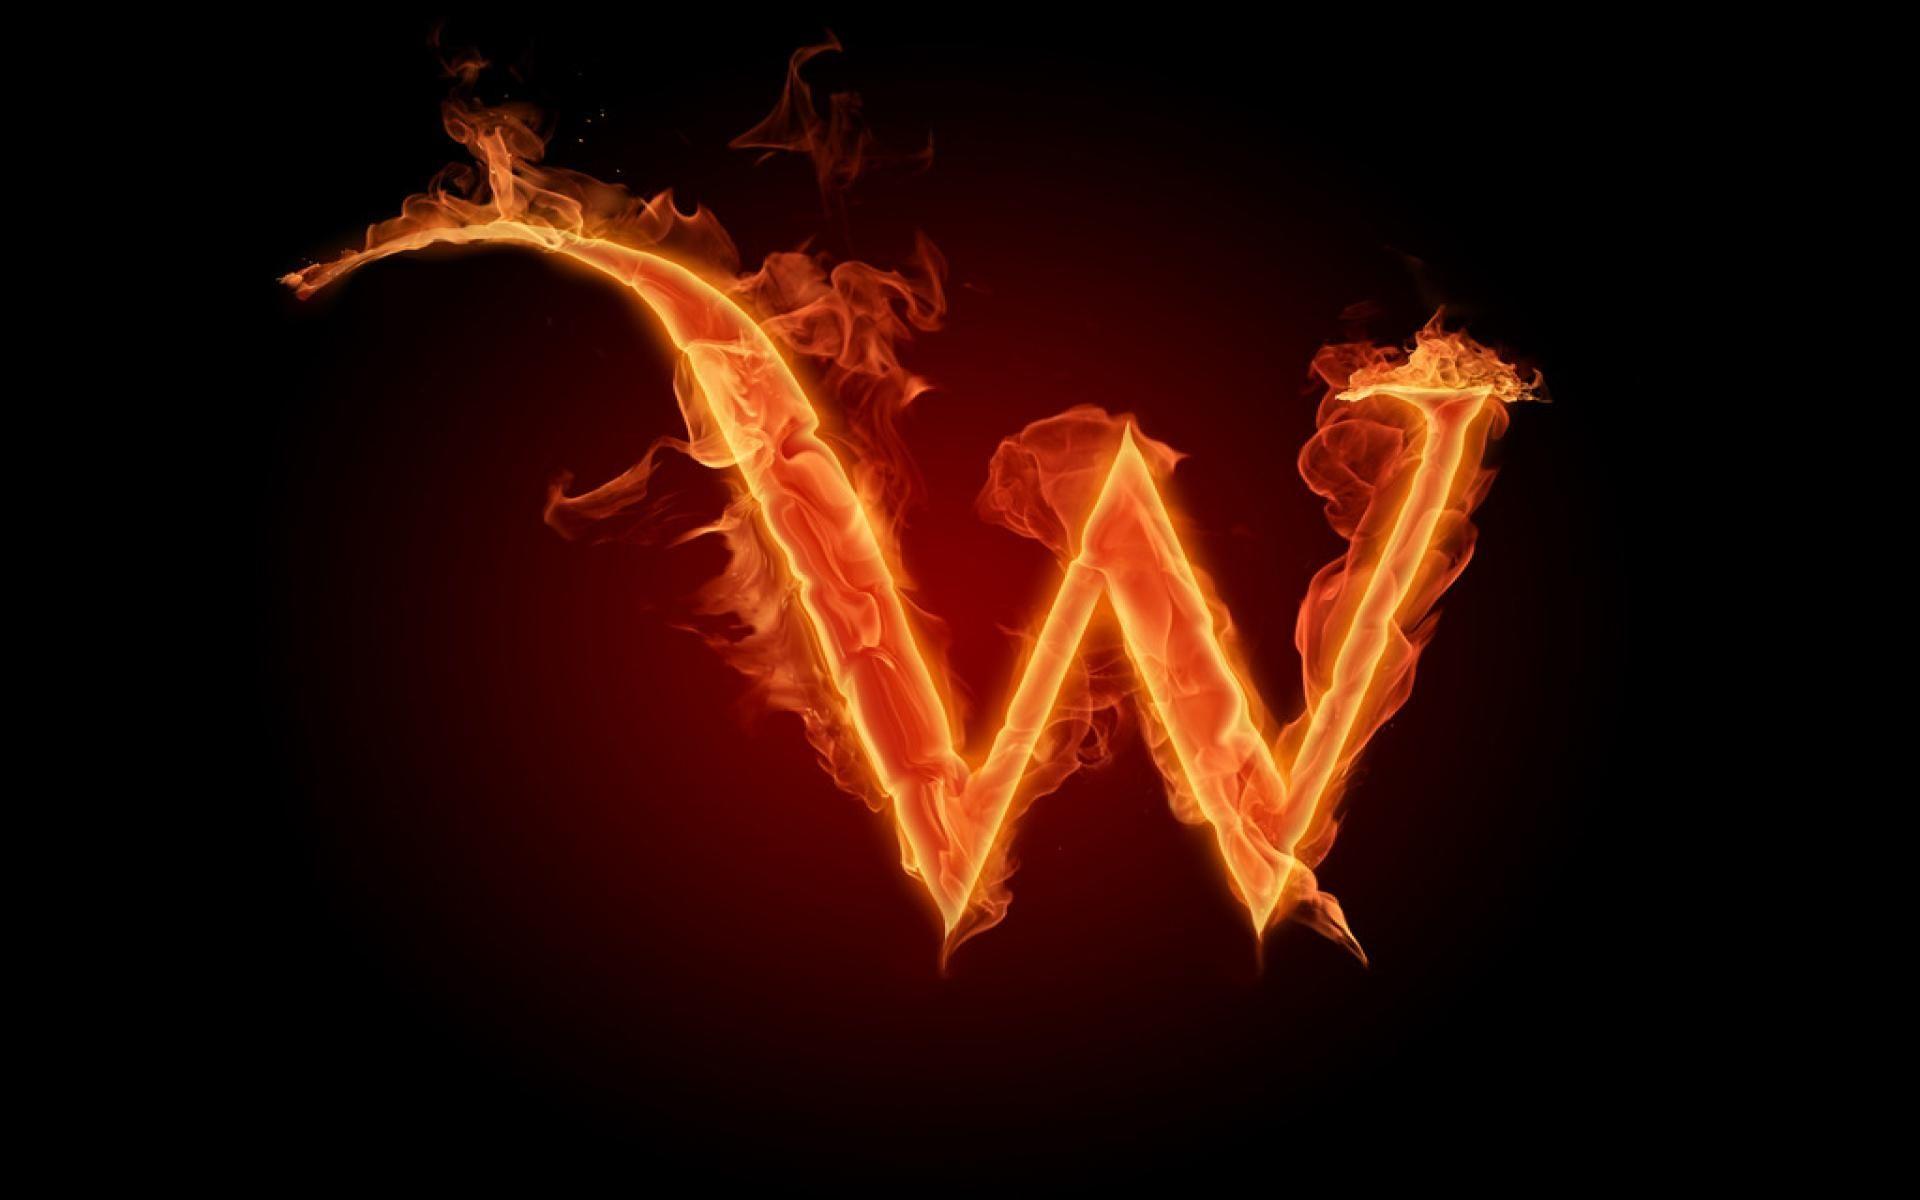 Burning Fire Letter W Wallpaper